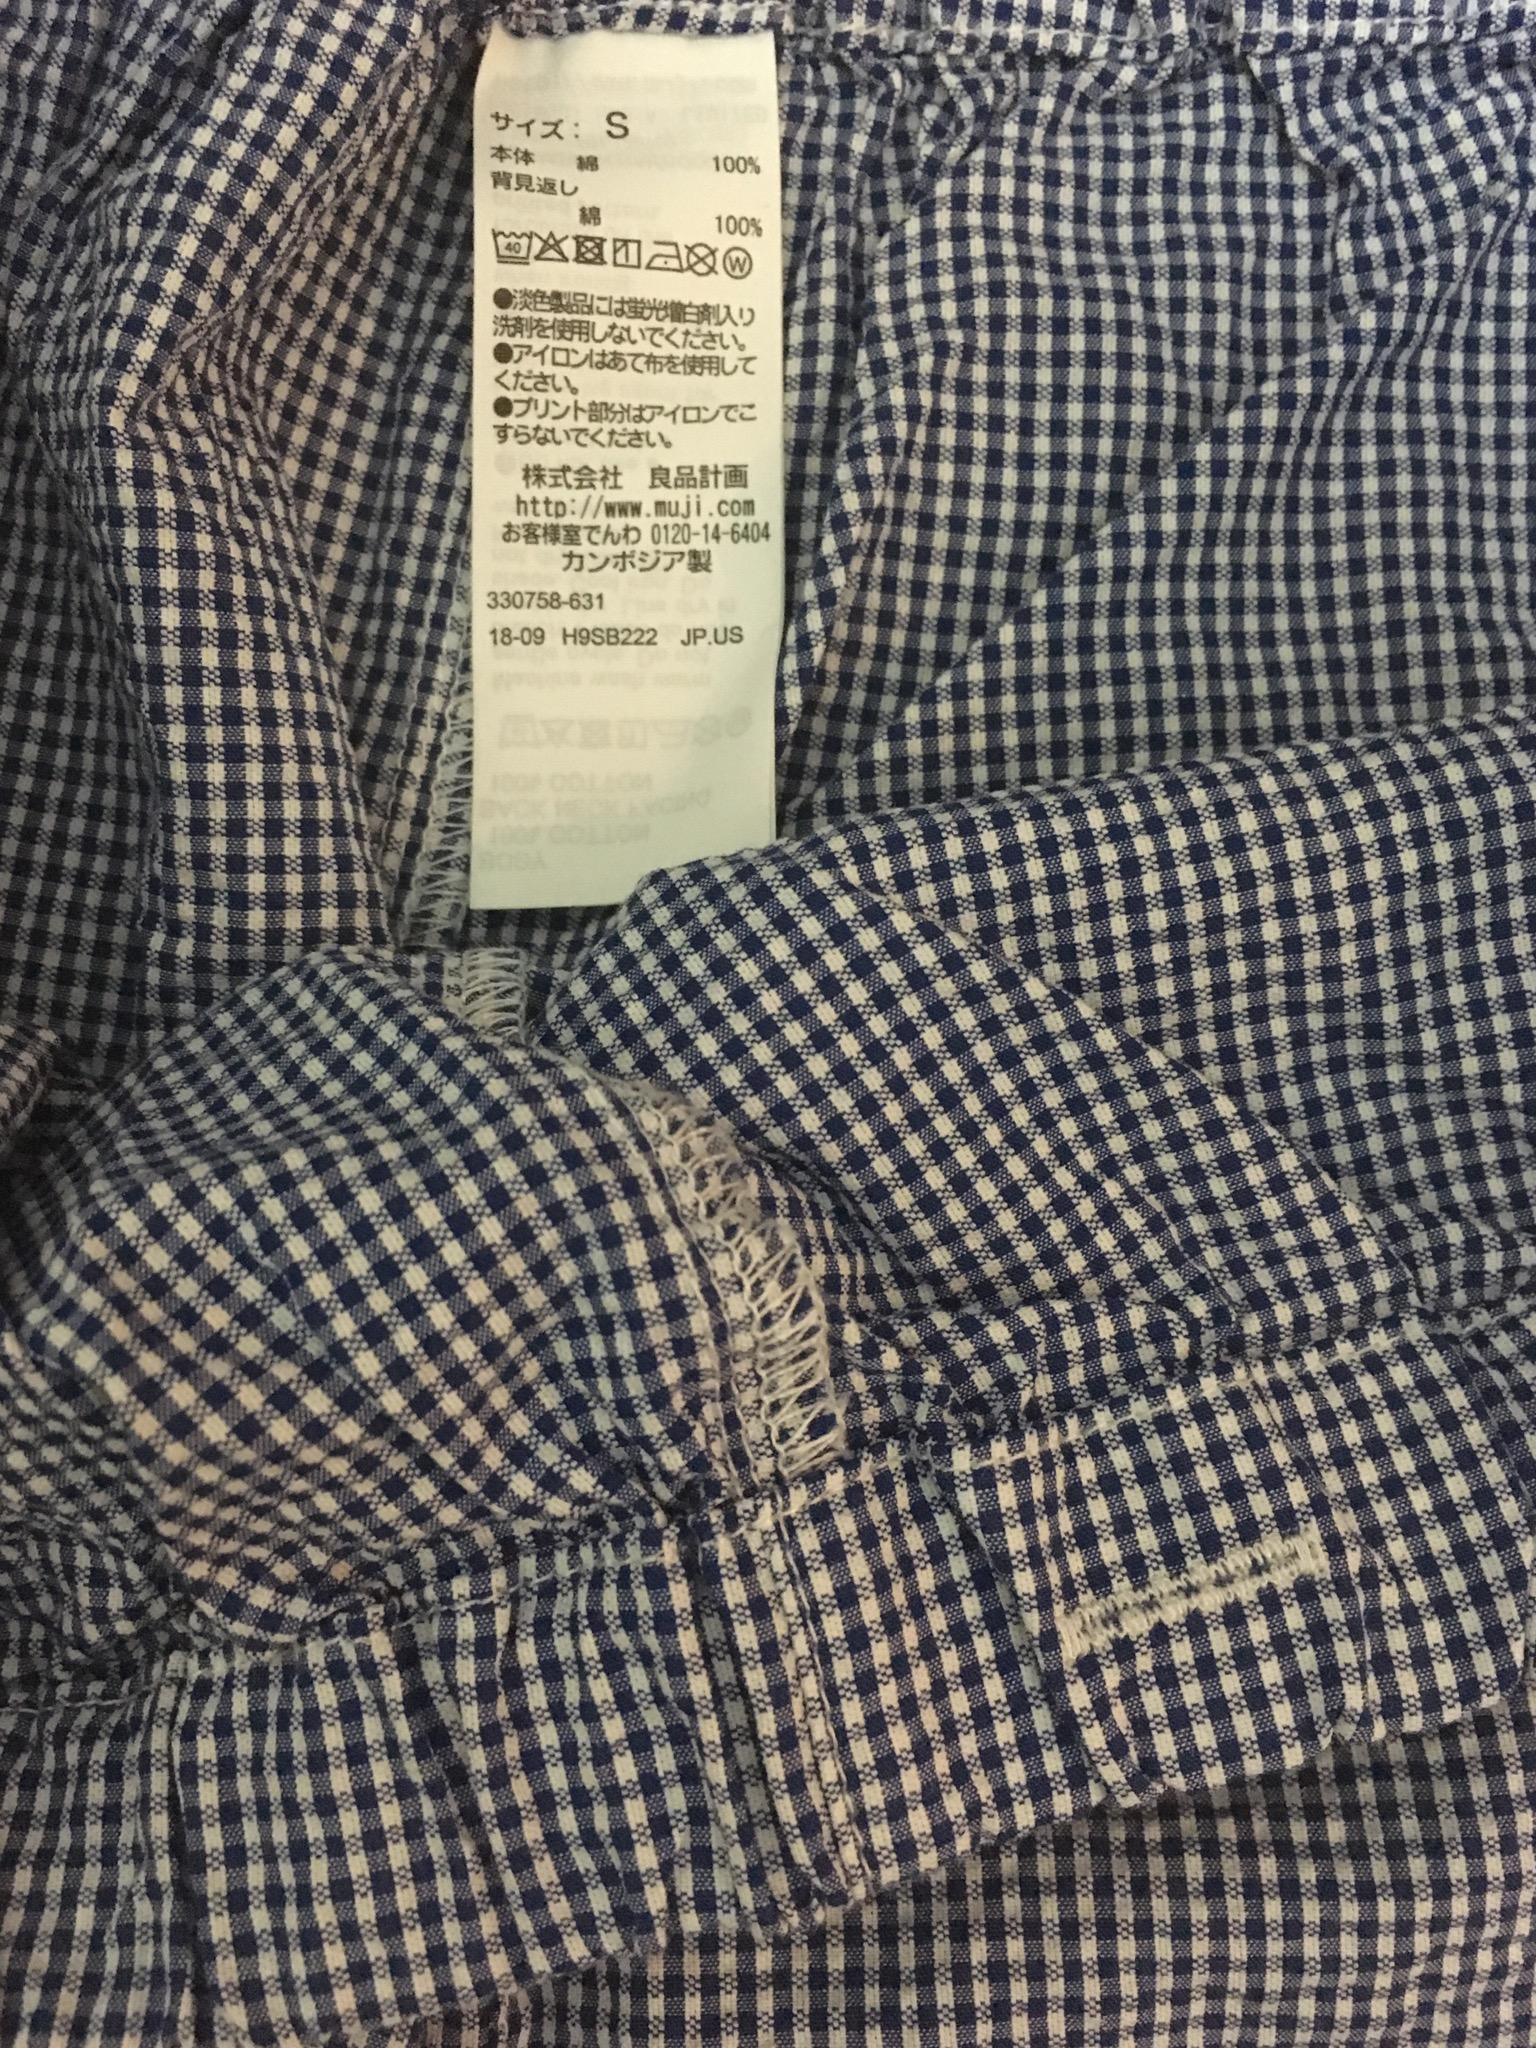 無印良品のサッカー織り半袖パジャマのタグのアップ